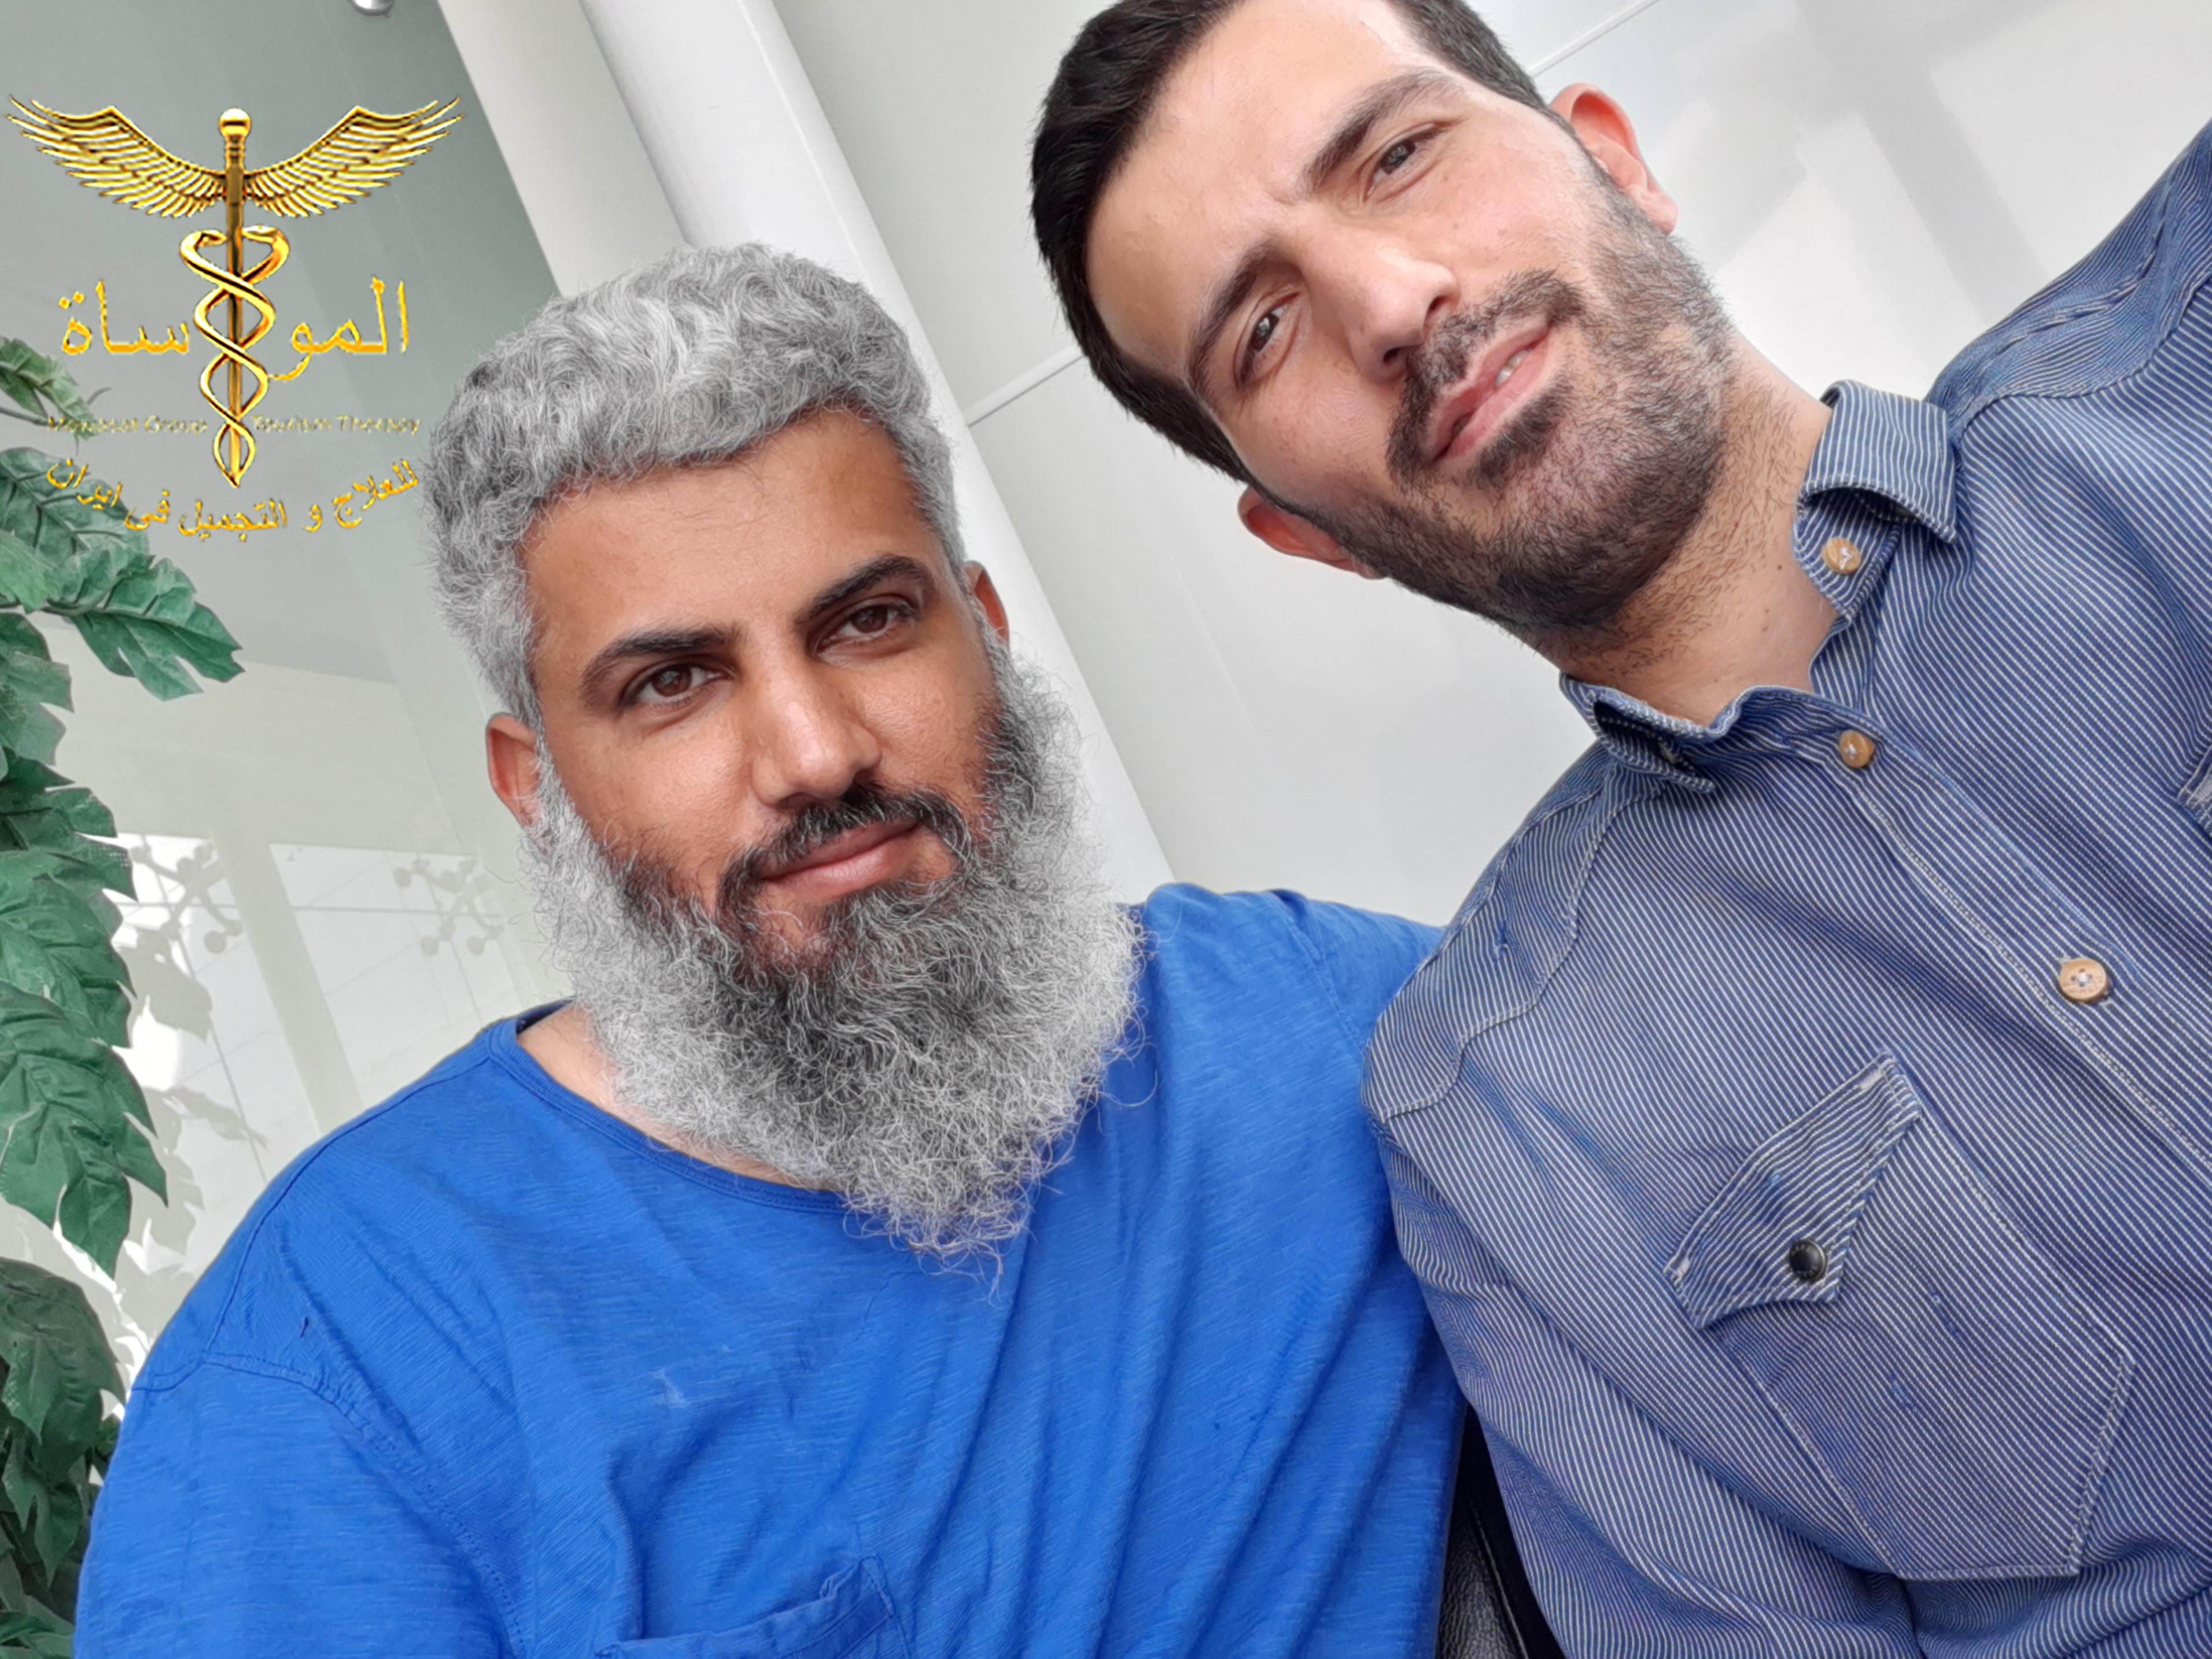 طب العيون في إيران   مستشفى خدادوست   السياحة في إيران شيراز   شركة المواساة للعلاج و التجميل في إيران